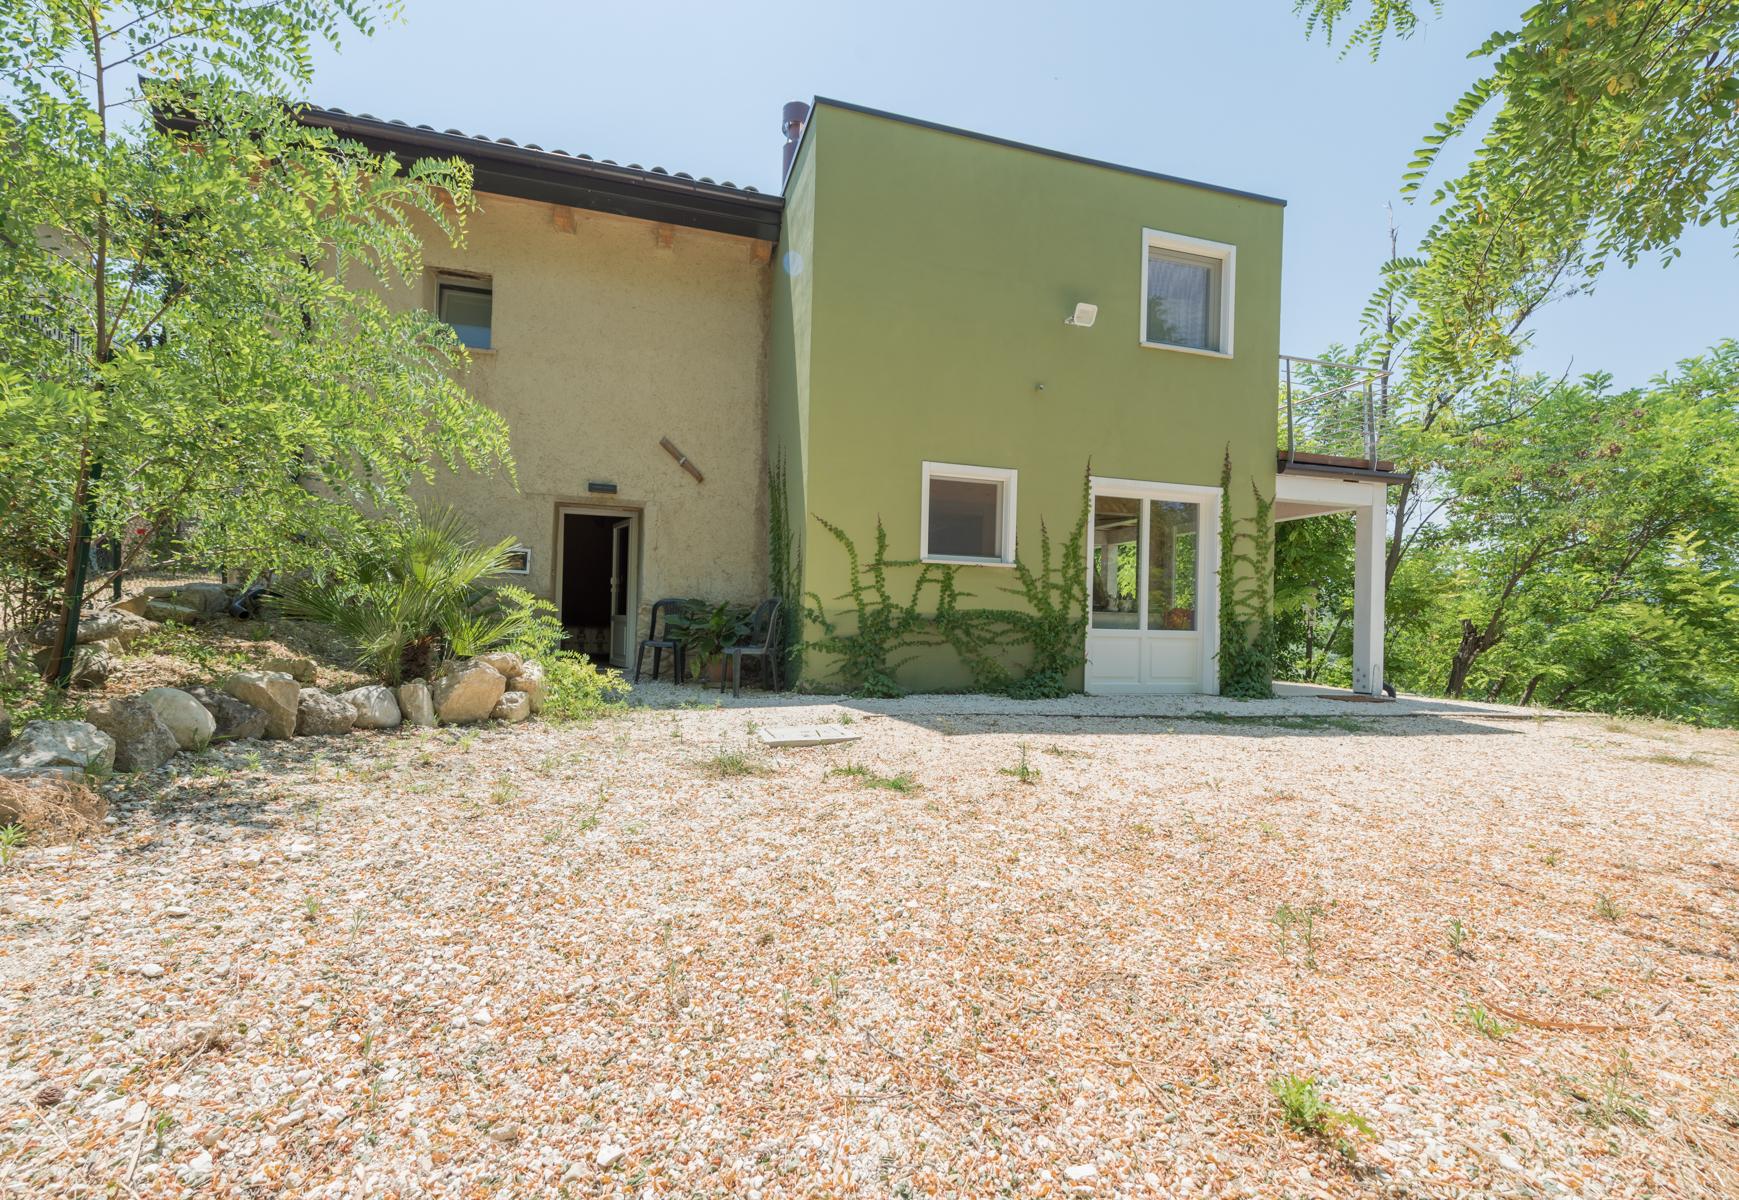 Villa Villa for sale Casalincontrada (CH), Casa Sentinella - Casalincontrada - EUR 321.299 330